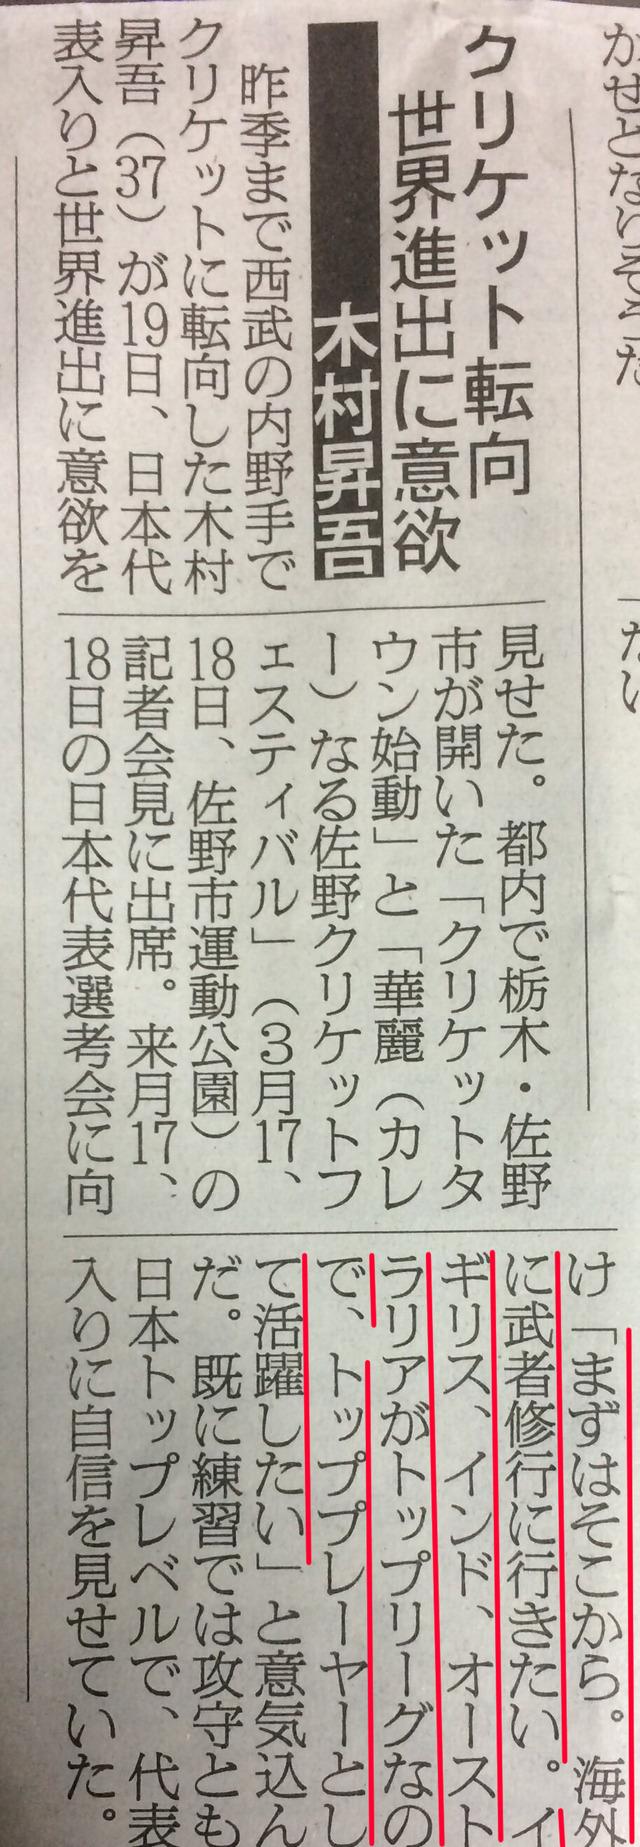 クリケット木村昇吾日本トップクラス